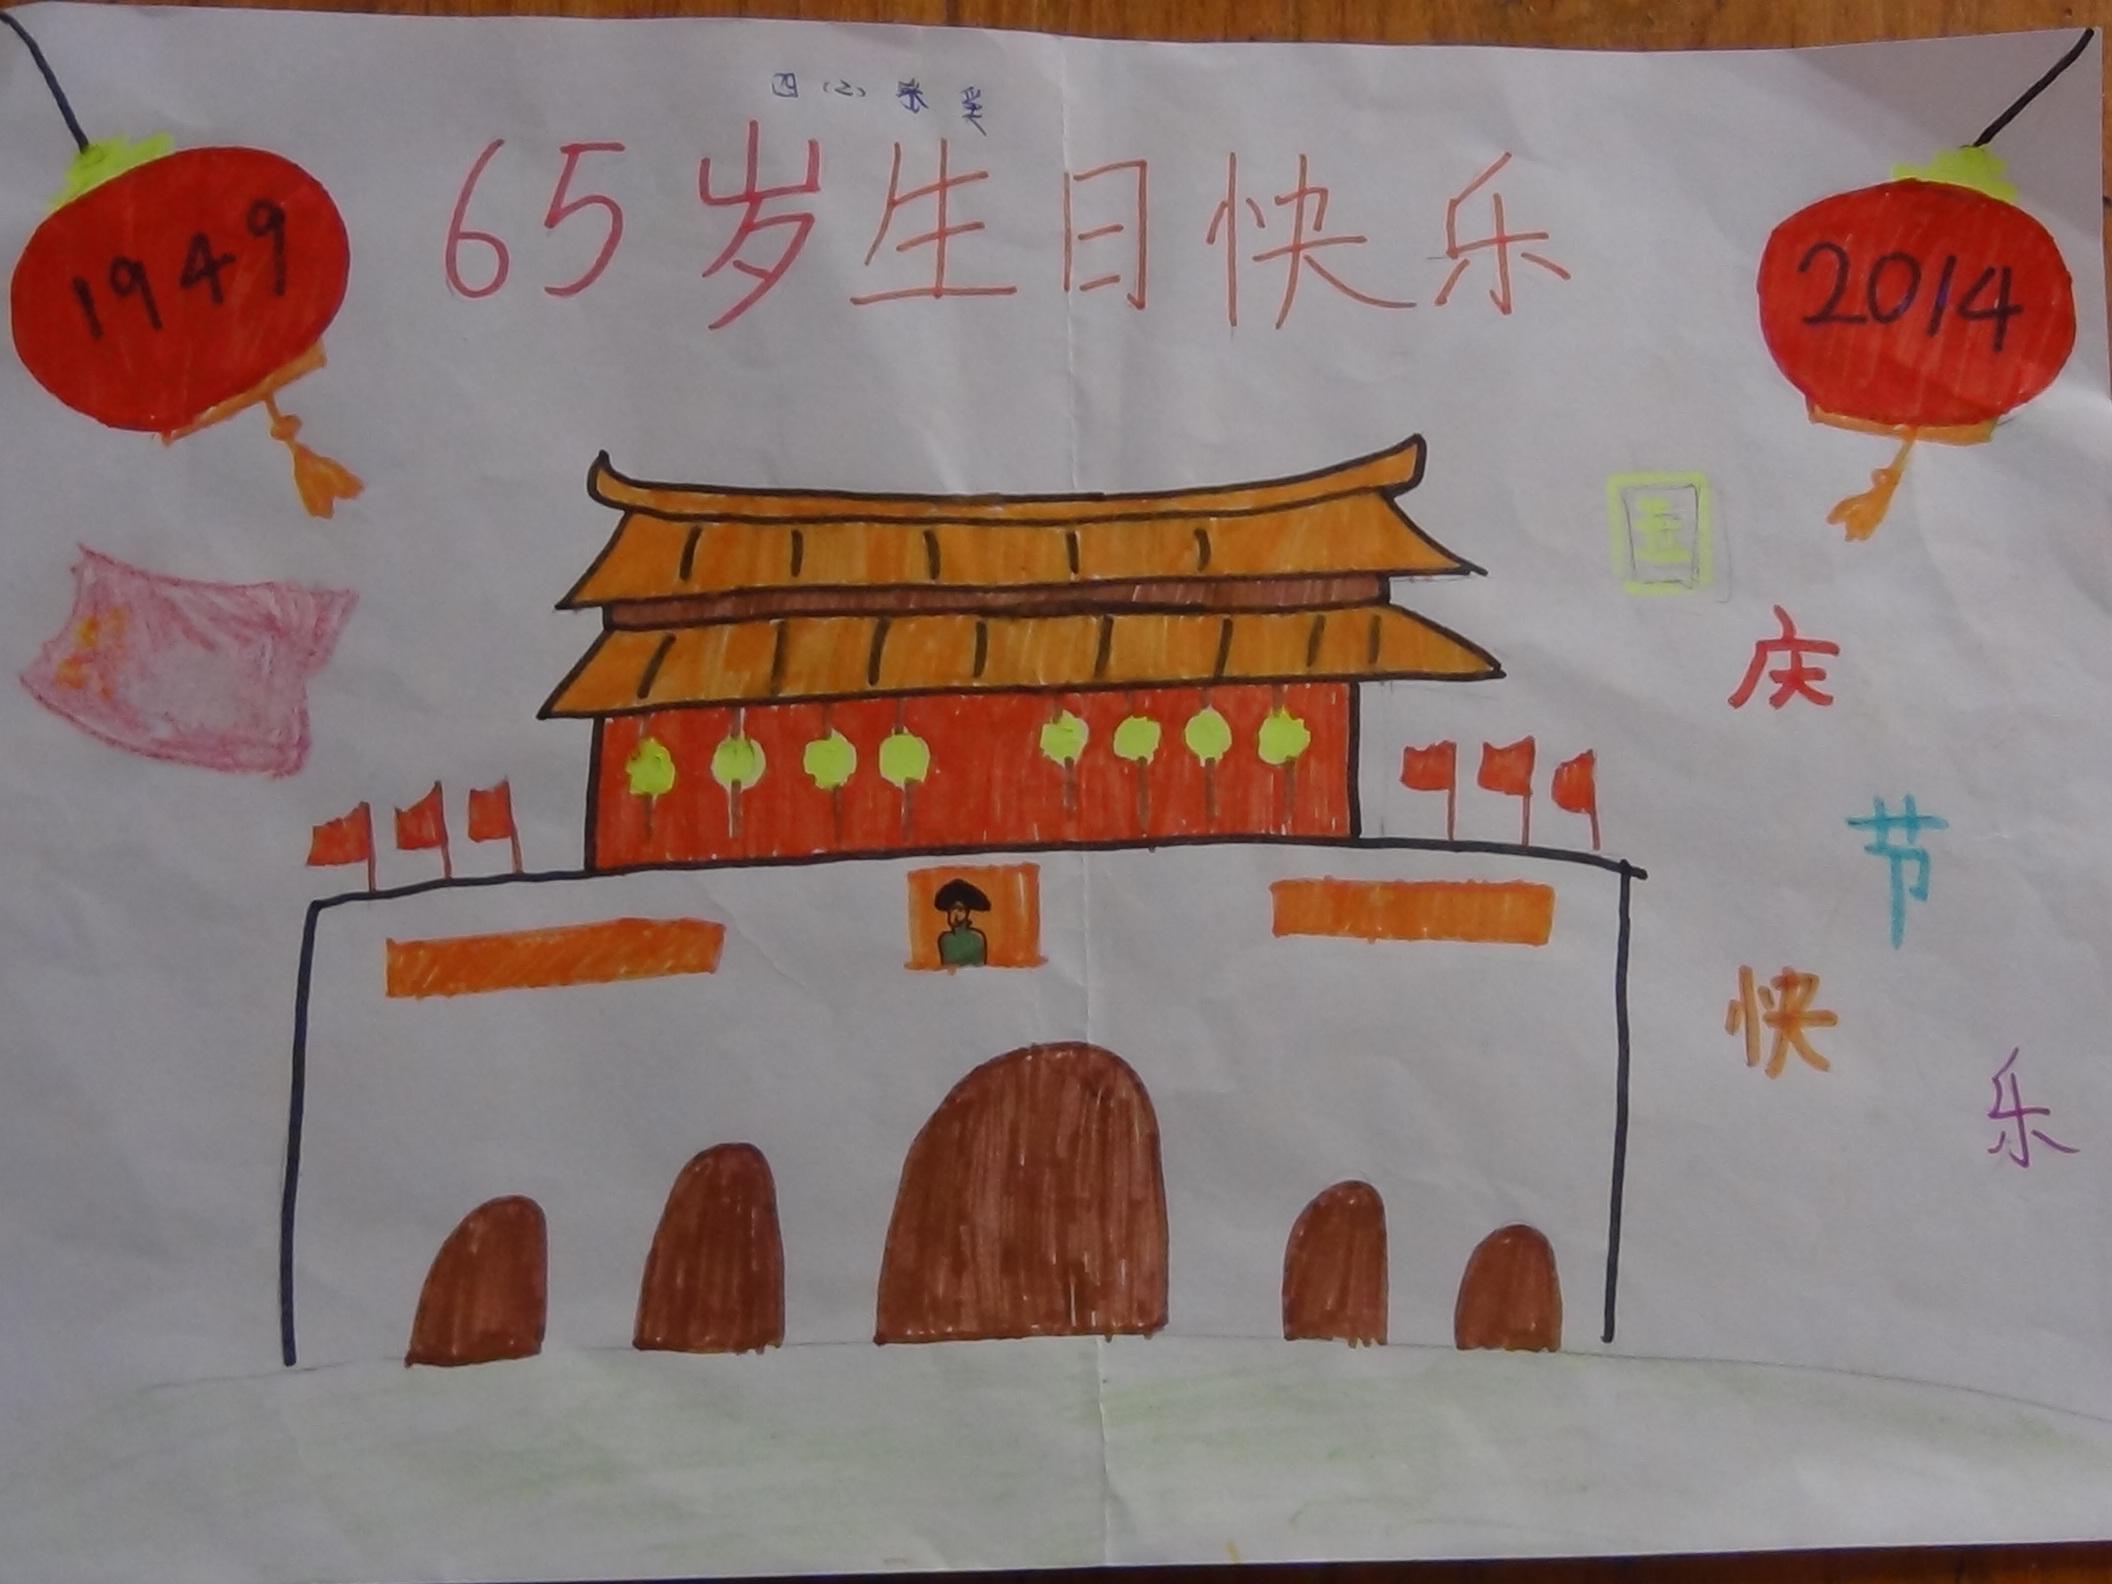 国庆绘画 - 美丽中国,红领巾社会实践活动